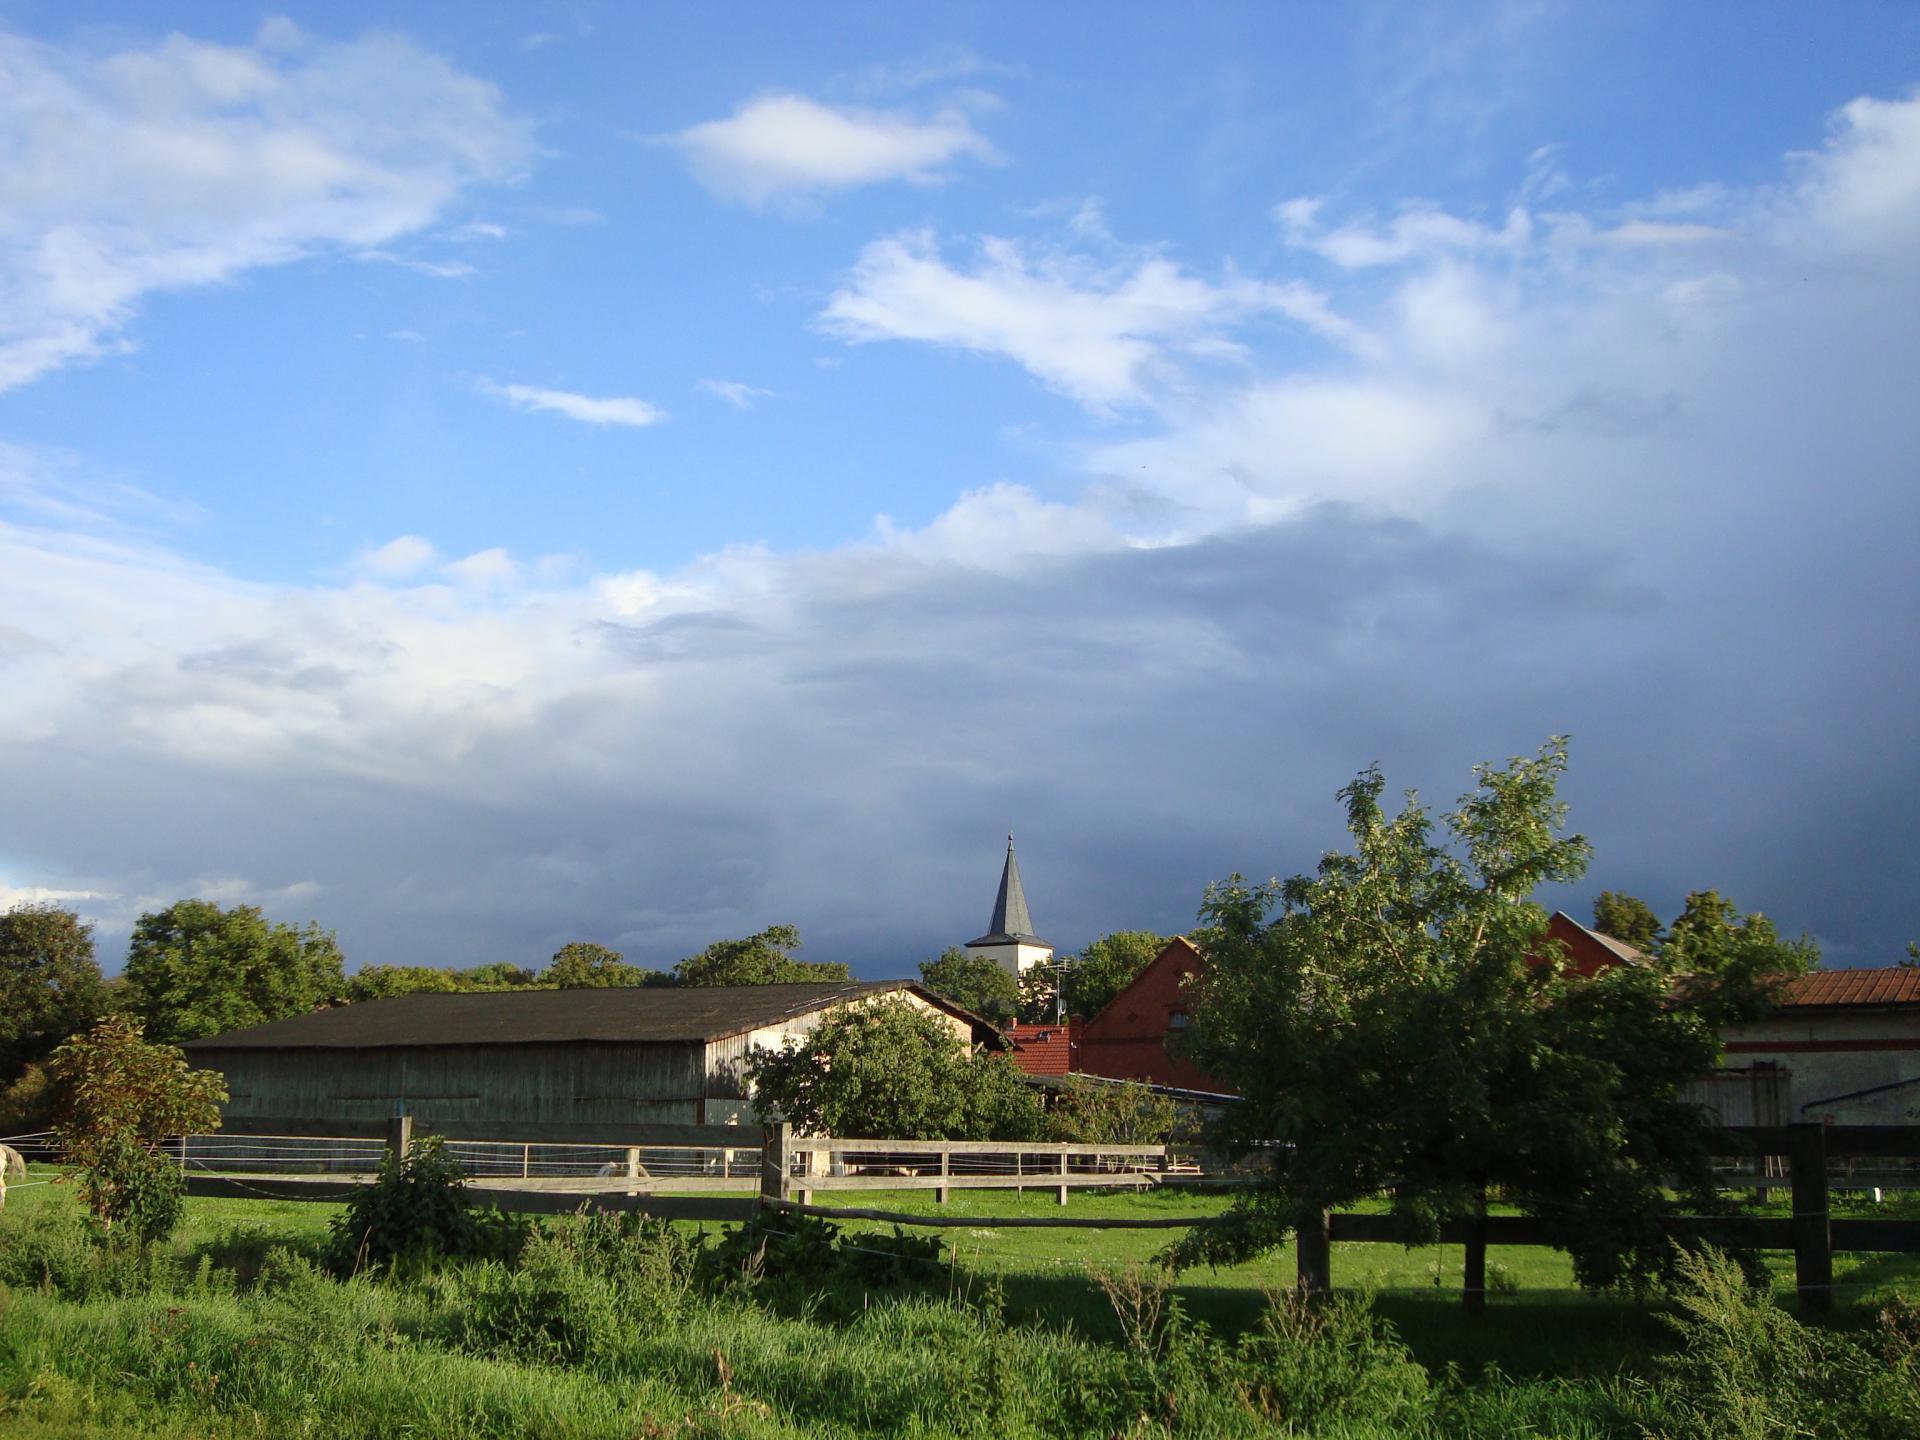 Kirche mit Wolken